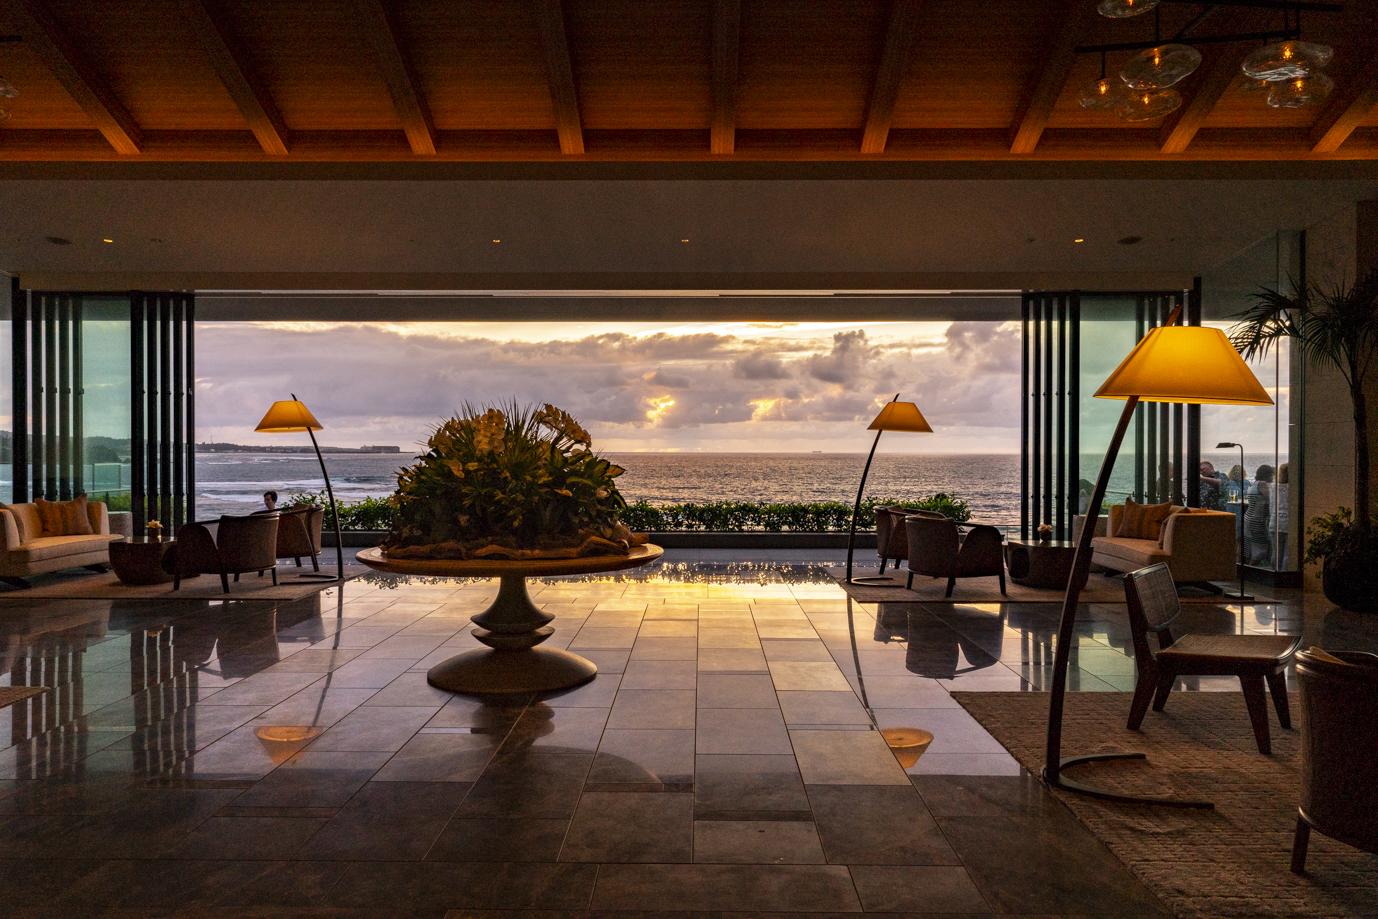 2020年の美と健康は、ハレクラニ沖縄「長寿の知恵」2泊3日のウエルネス滞在で 後編